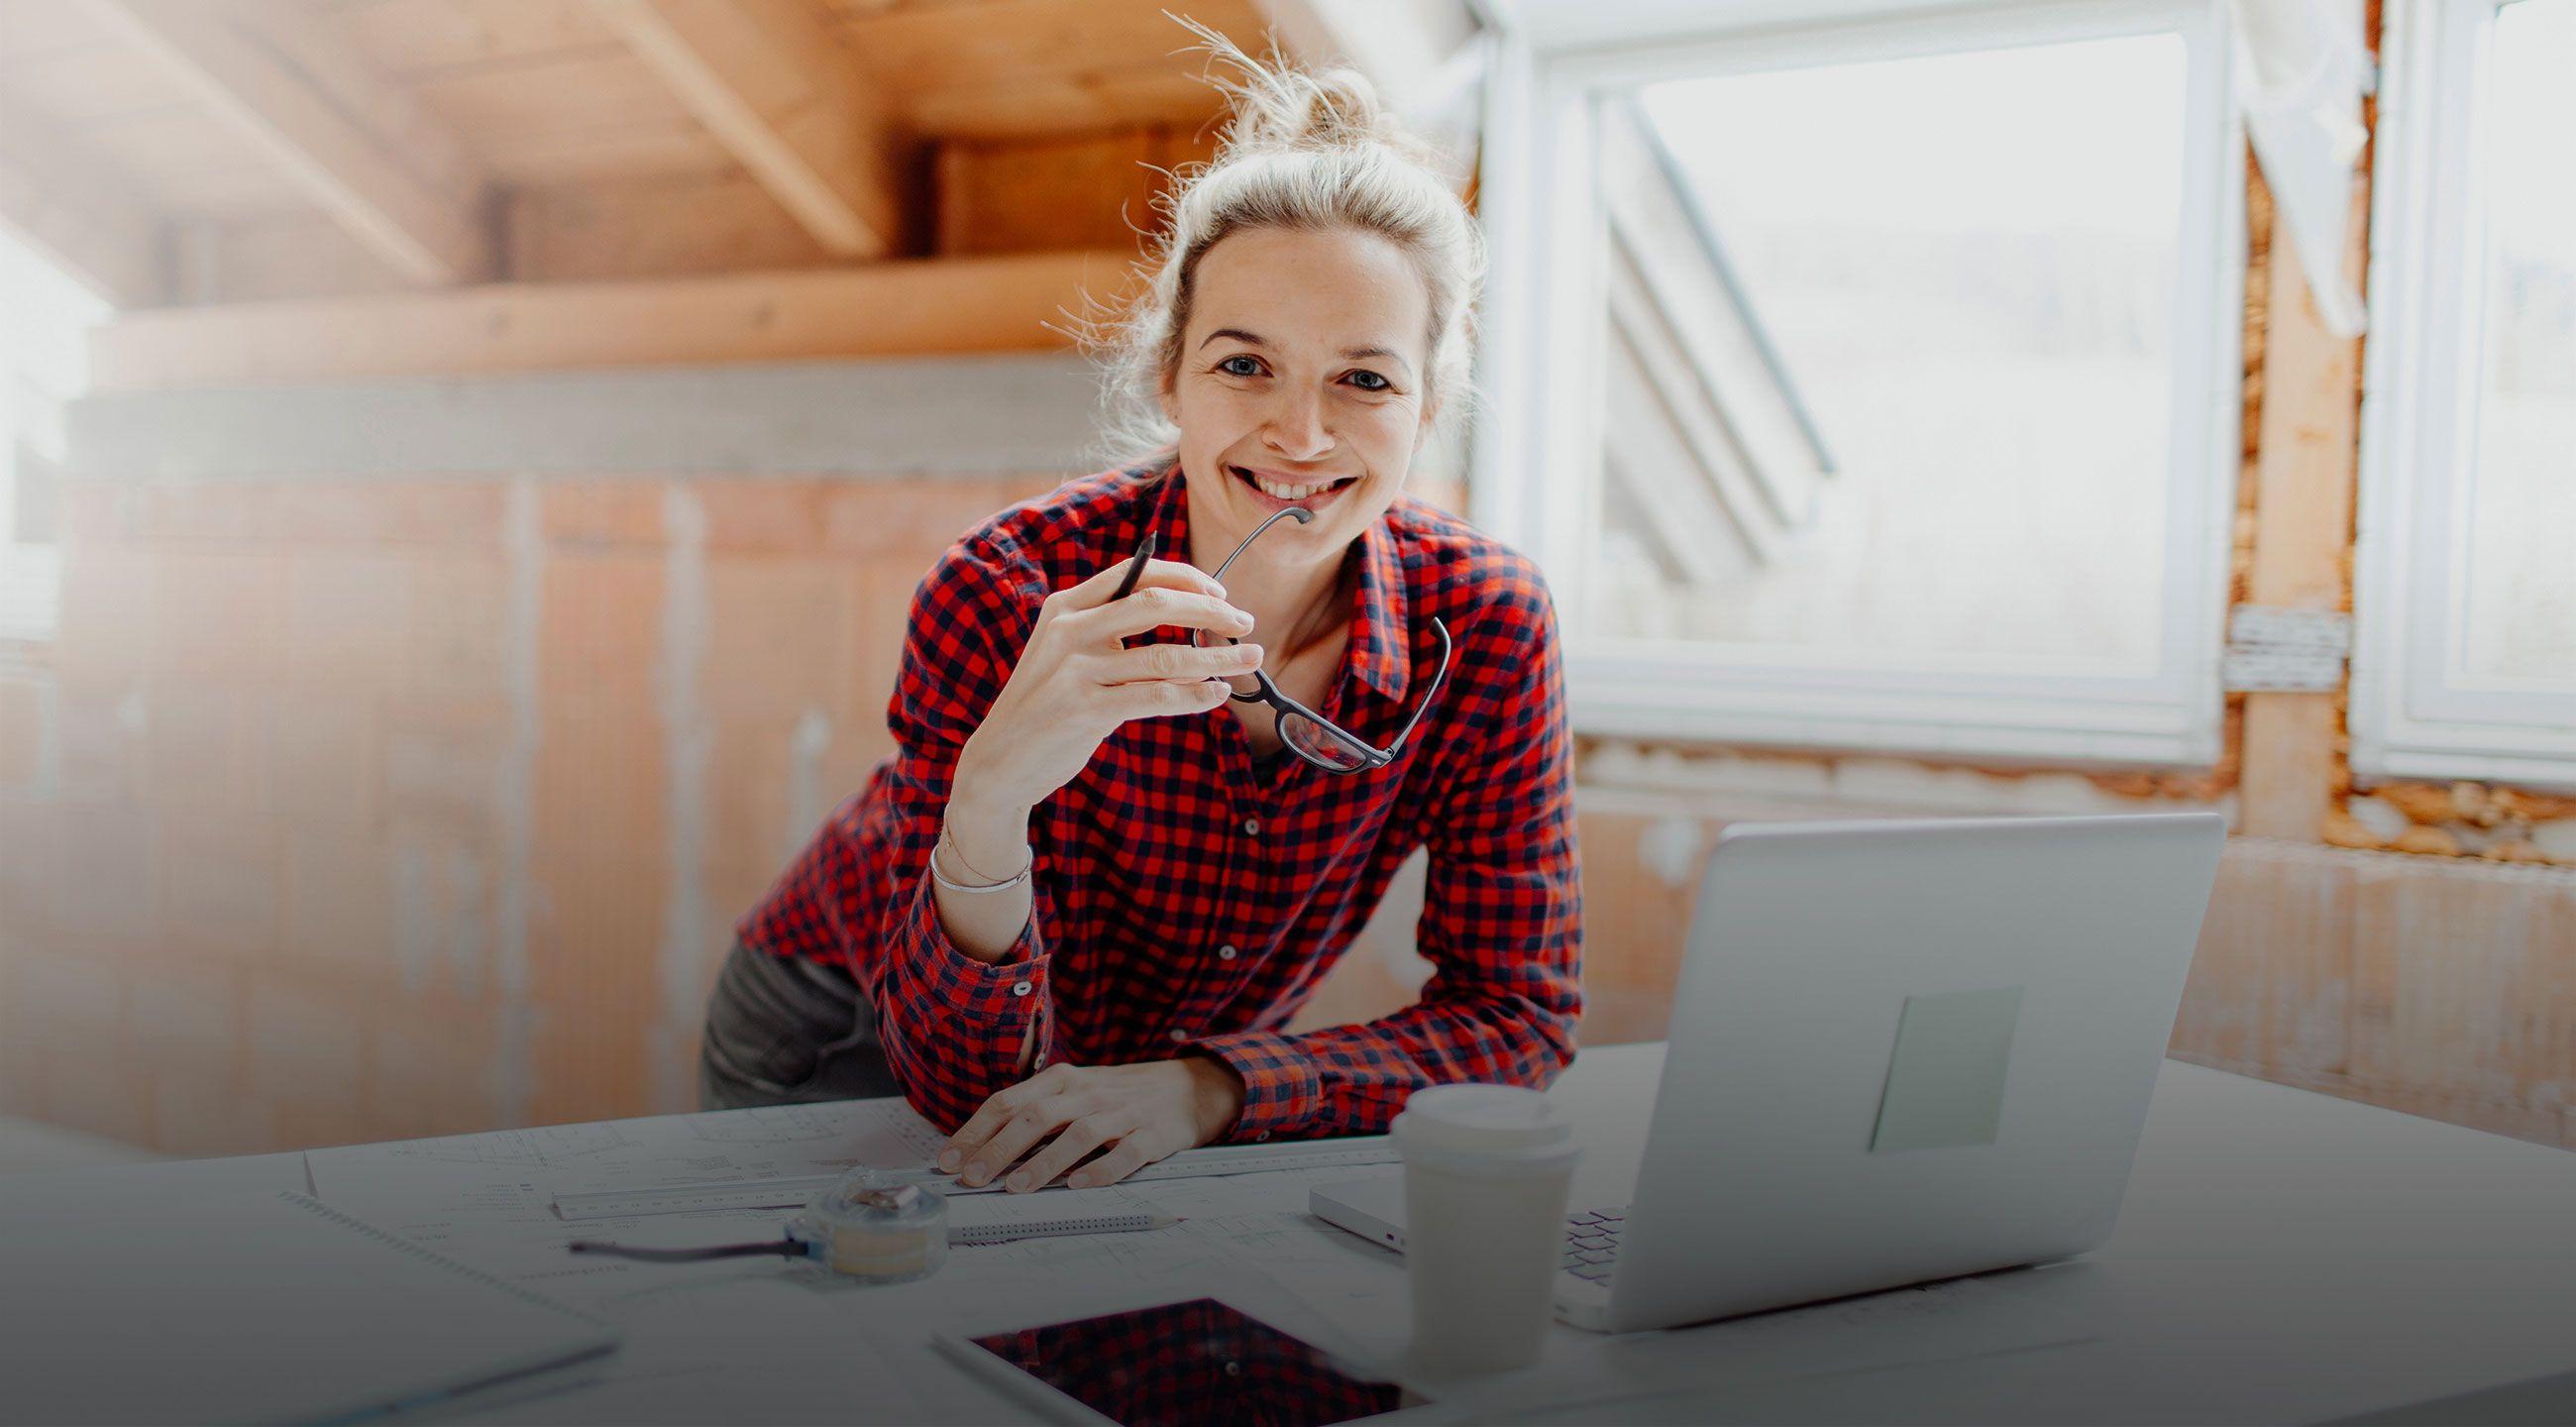 Startbild mit Frau vor Laptop, die Smart Home plant